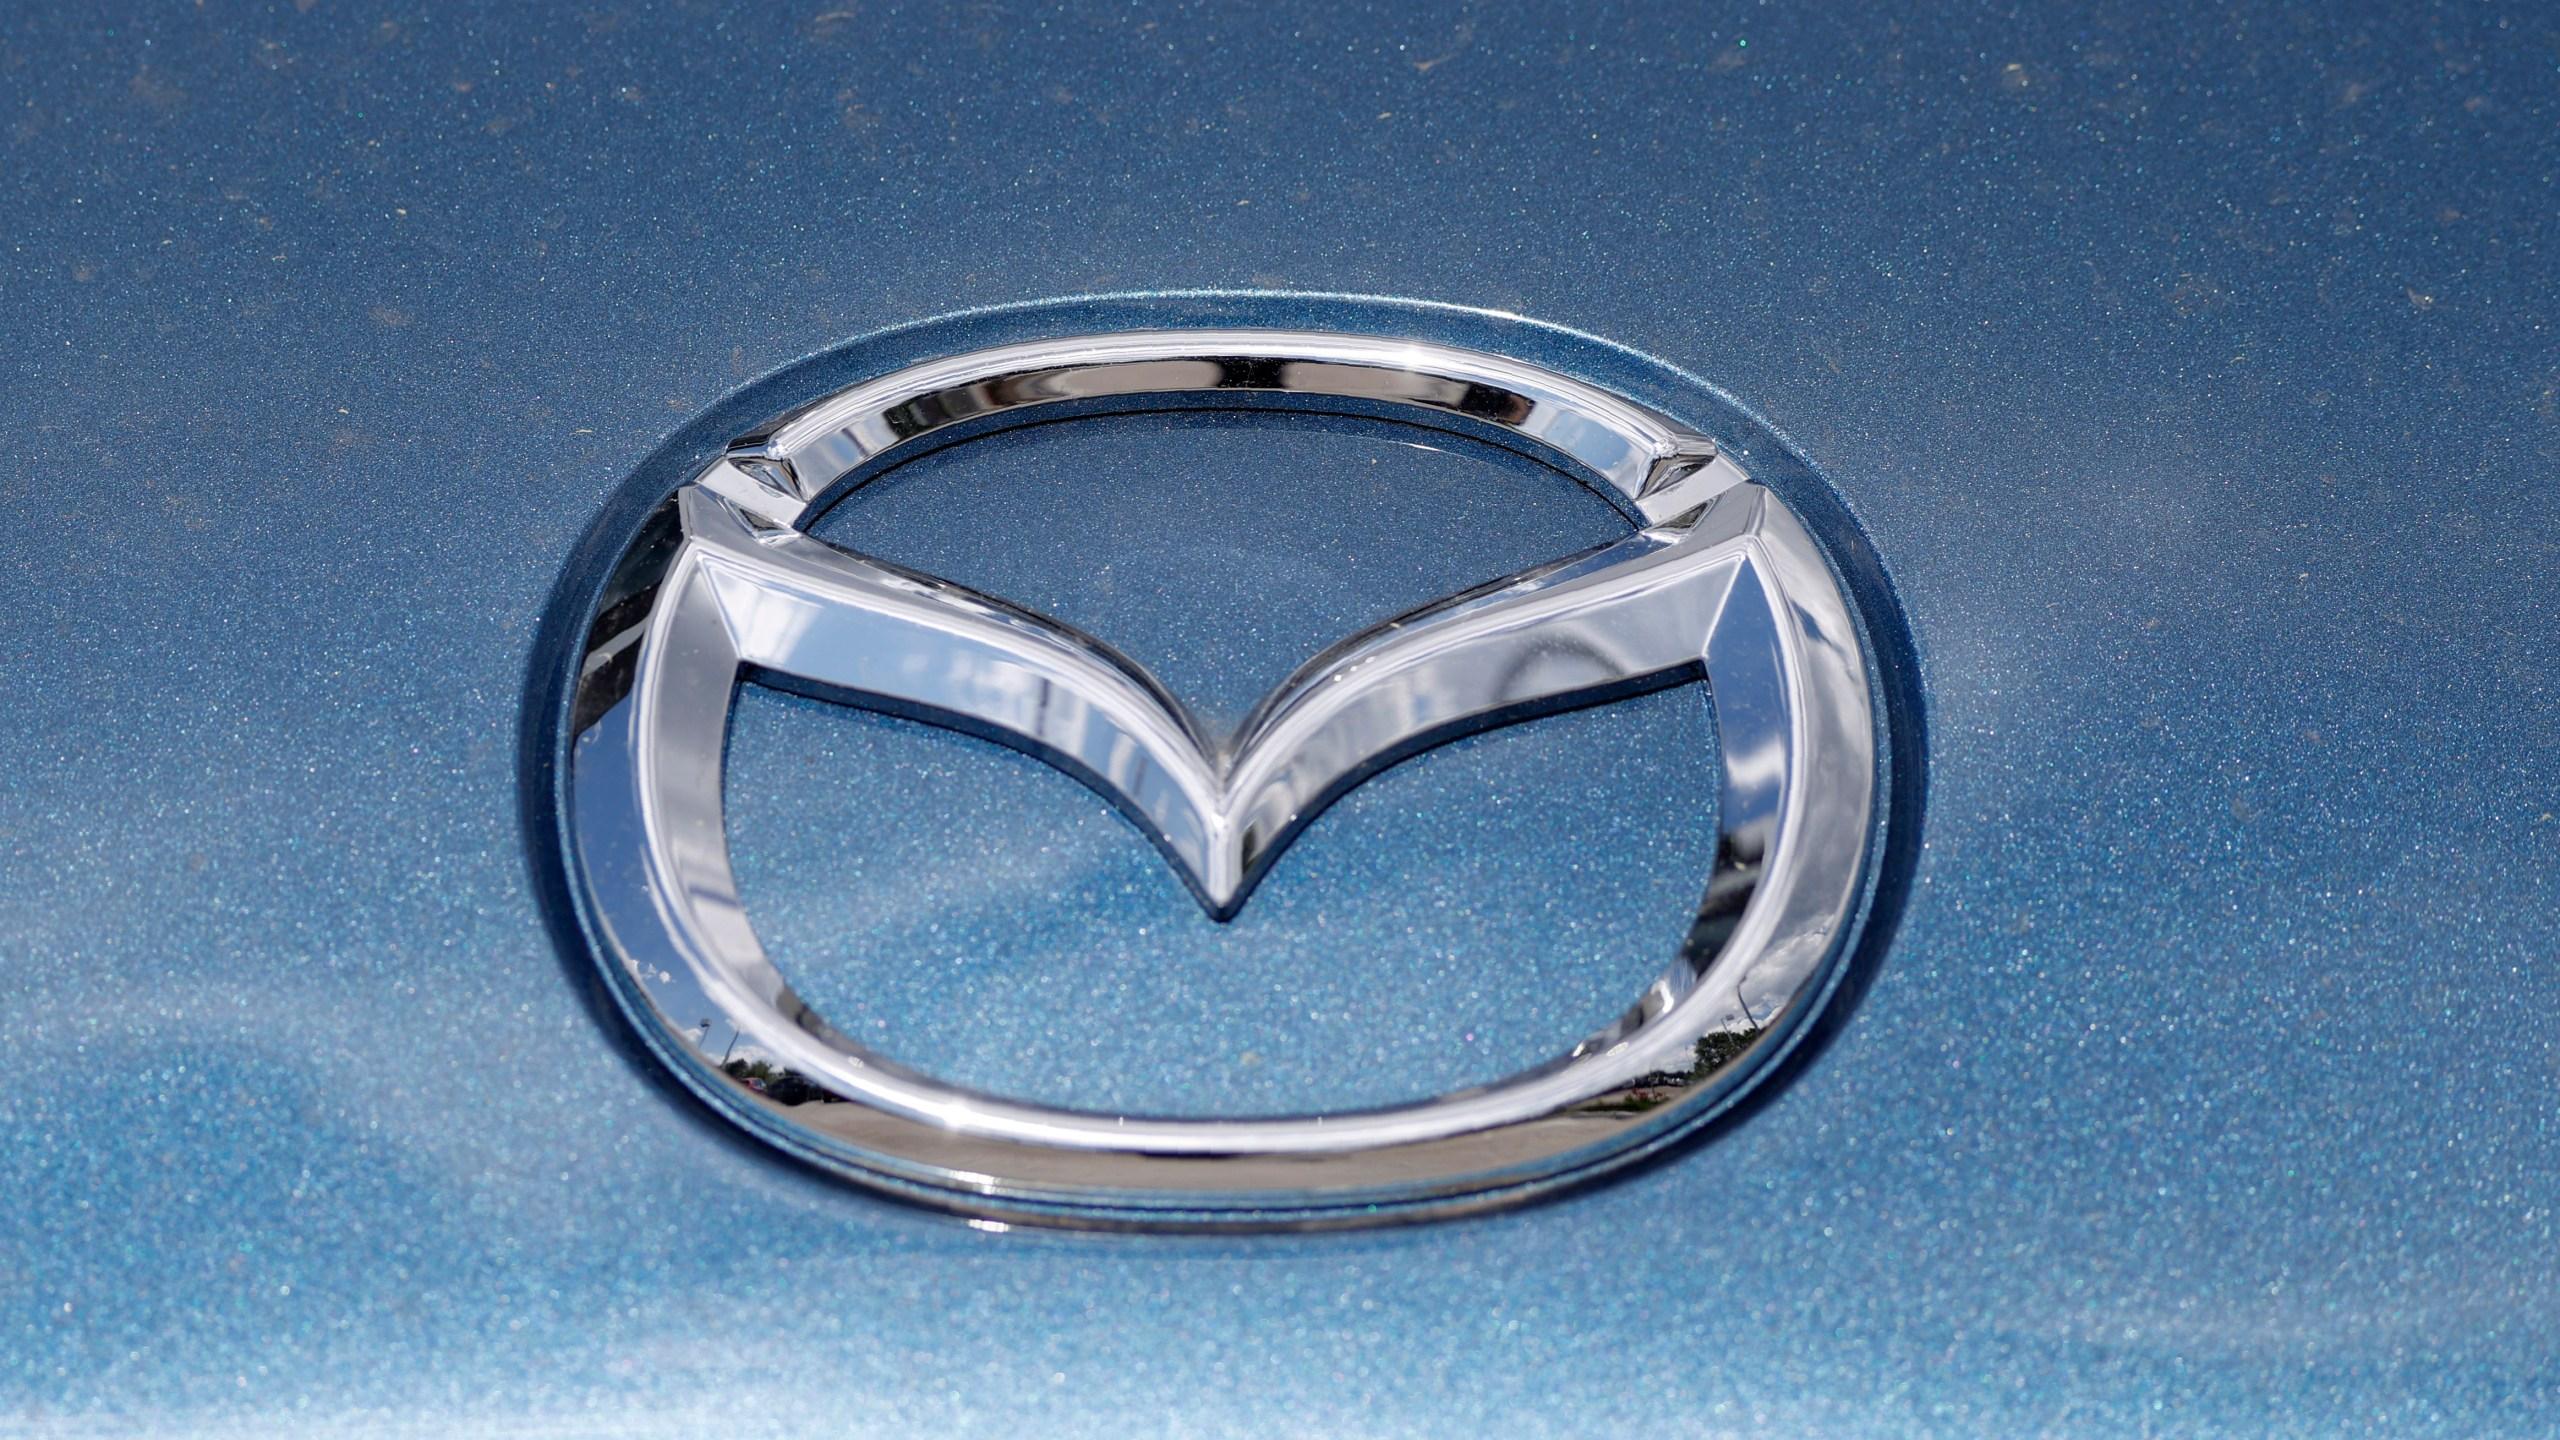 2020 Mazda Miata, r m